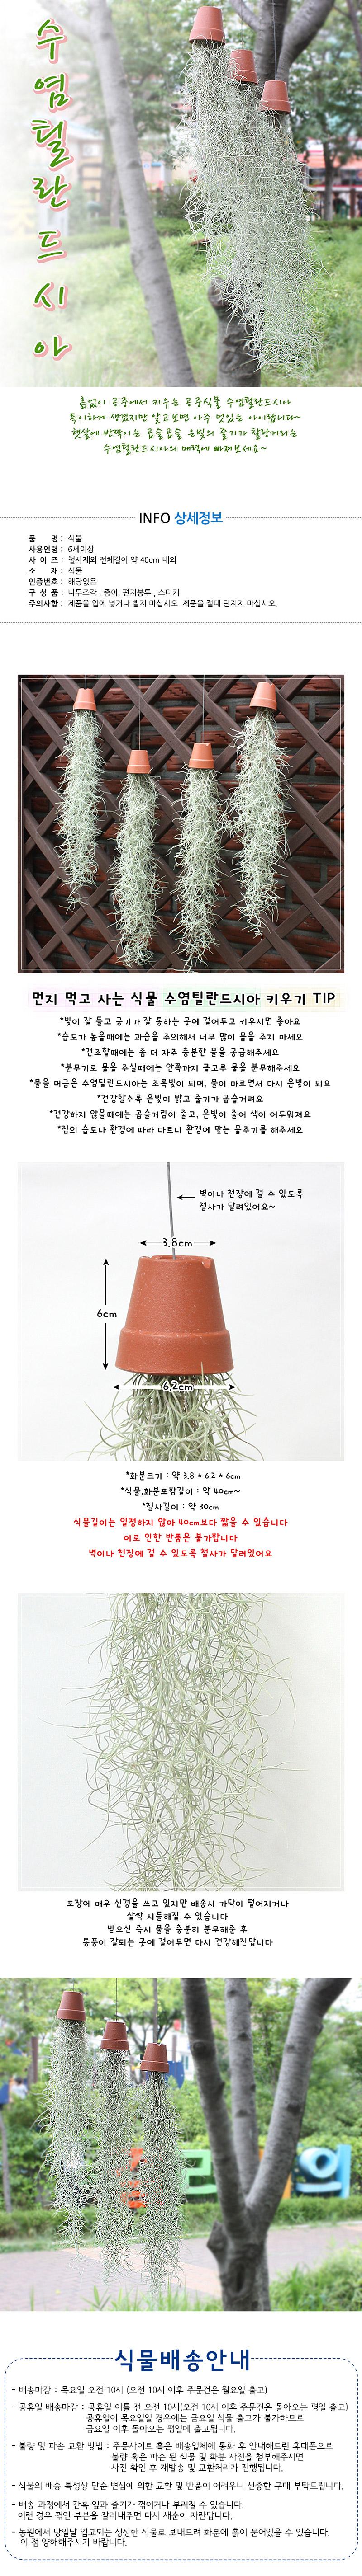 공기정화식물-수염틸란드시아 - 에코키즈, 8,000원, 허브/다육/선인장, 공기정화식물